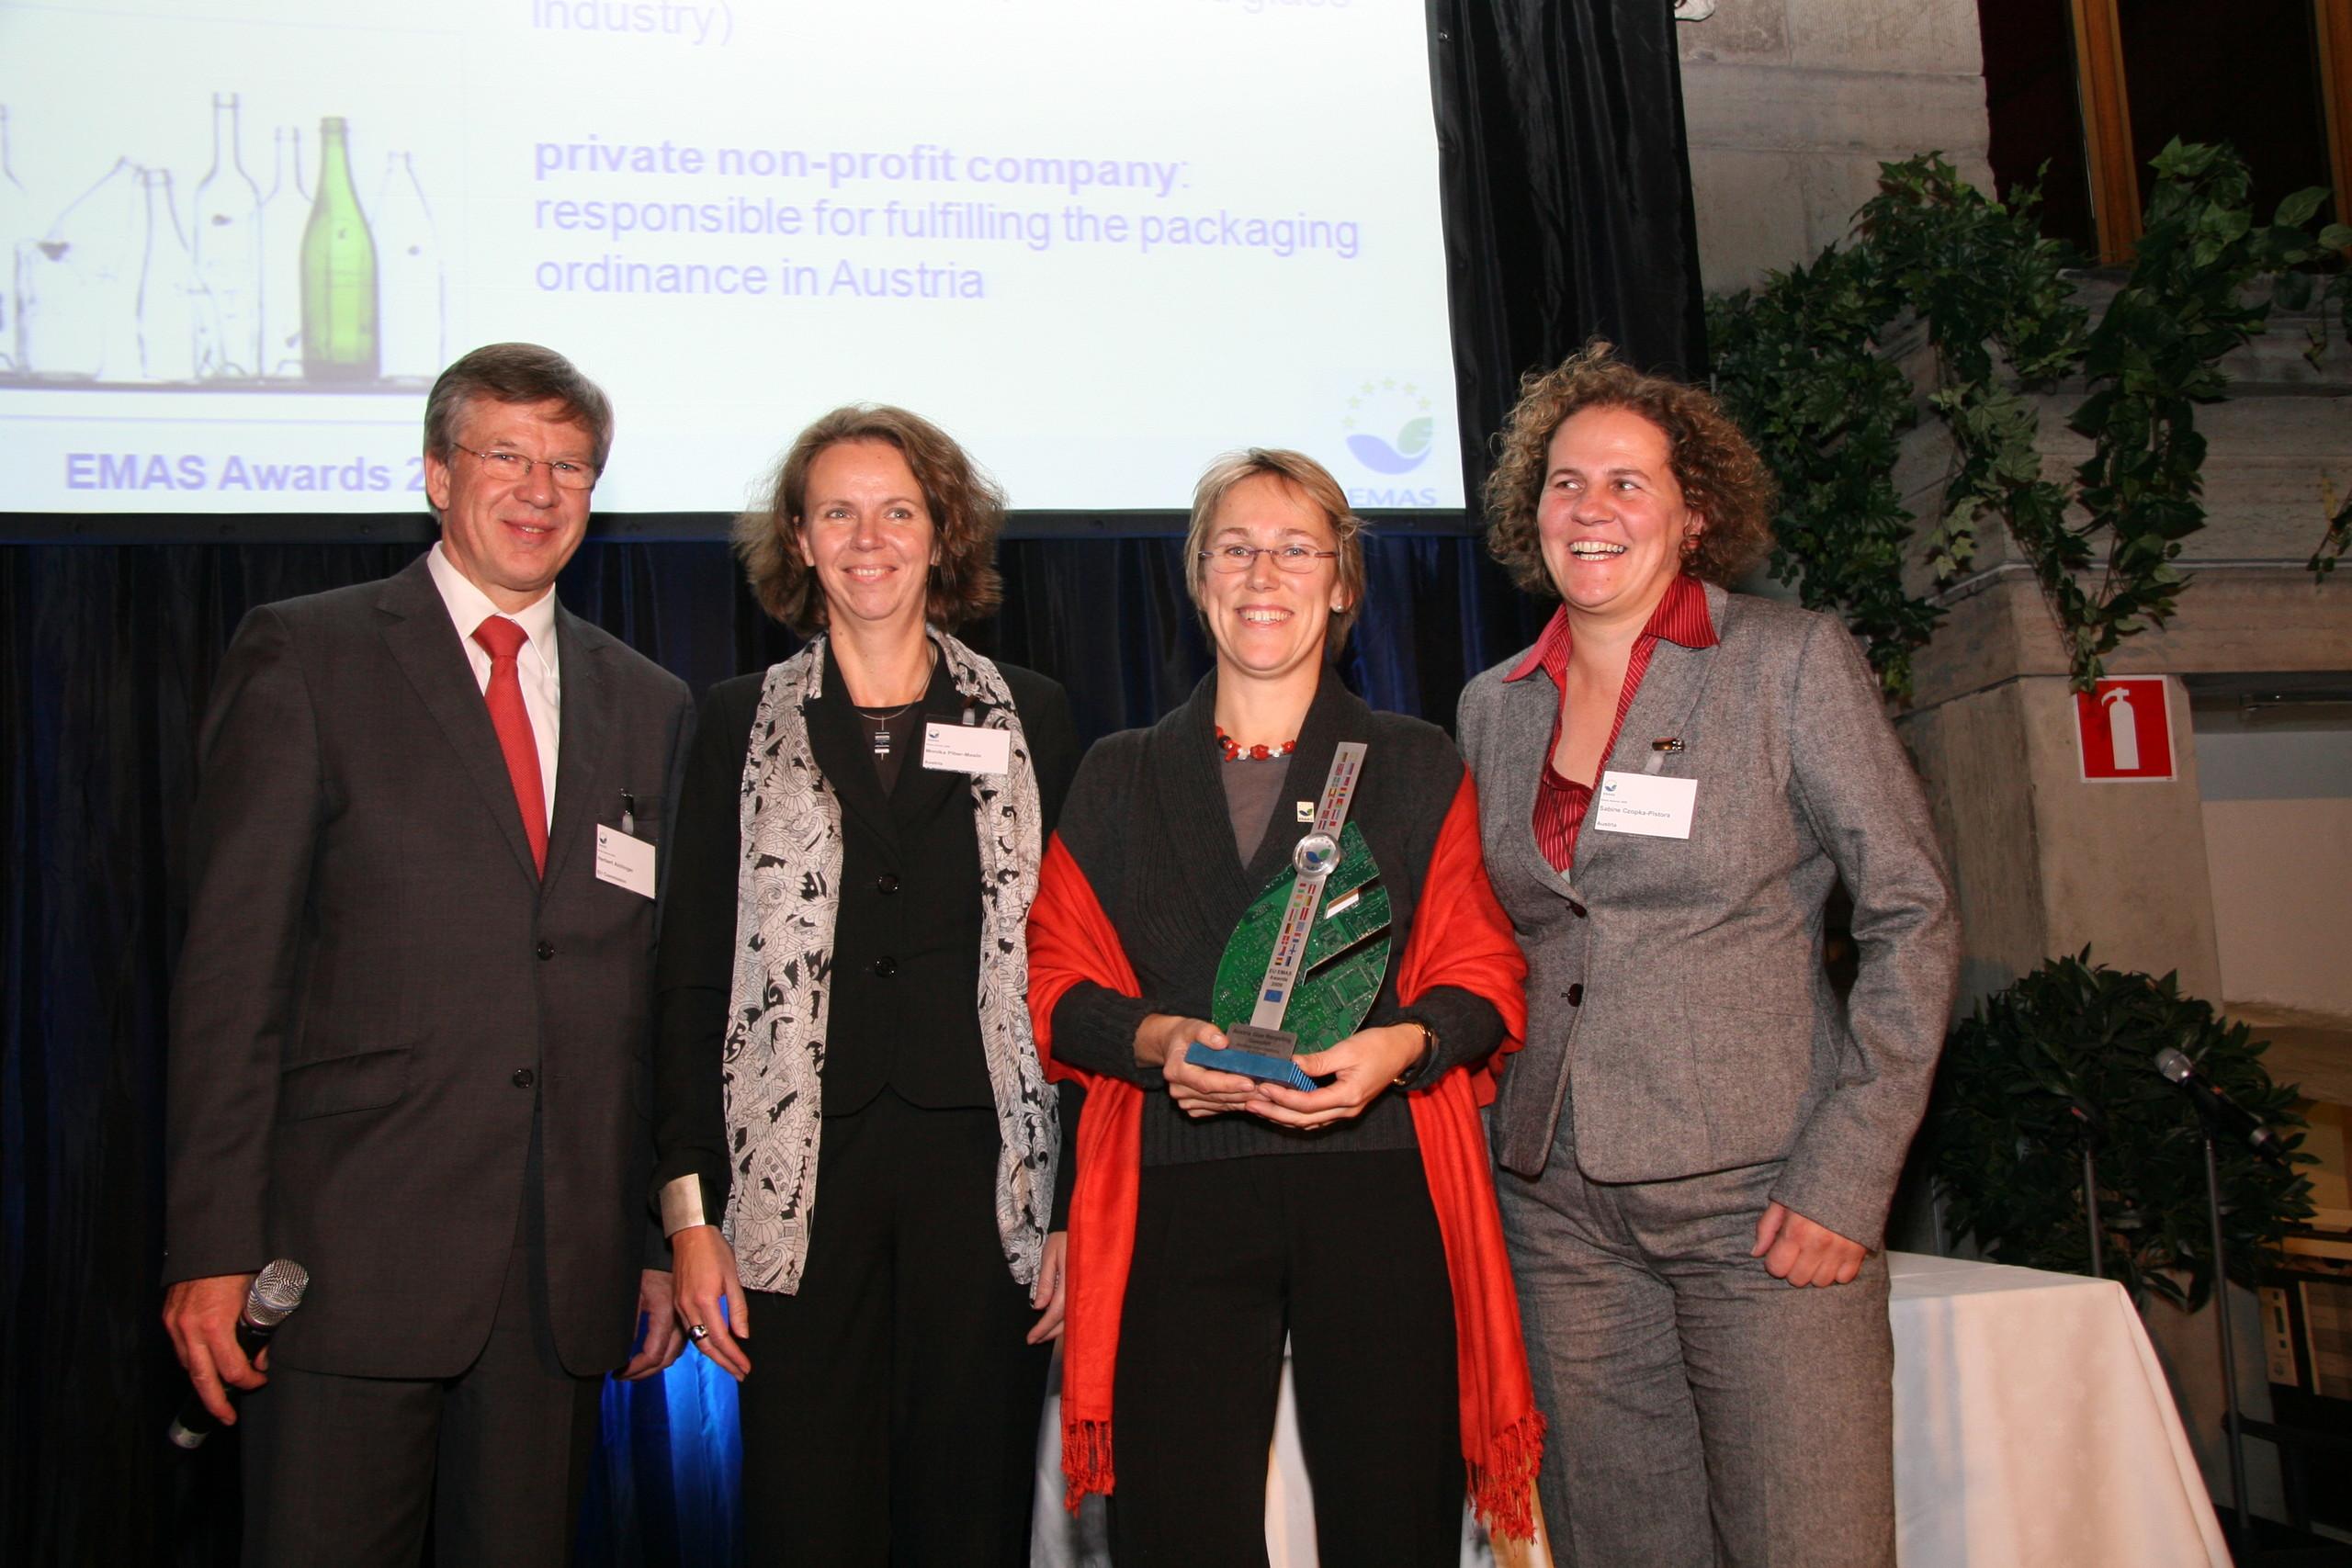 ÖkoBusiness-Auszeichnung 2008 für Austria Glas Recycling, (v.l.n.r. DI Ursula Gangel, Dr. Gerald Hirss-Werdisheim, Umweltstadträtin von Wien Mag. Ulli Sima, Sabine Czopka-Pistora; Foto: ÖkoBusinessPlan Wien)